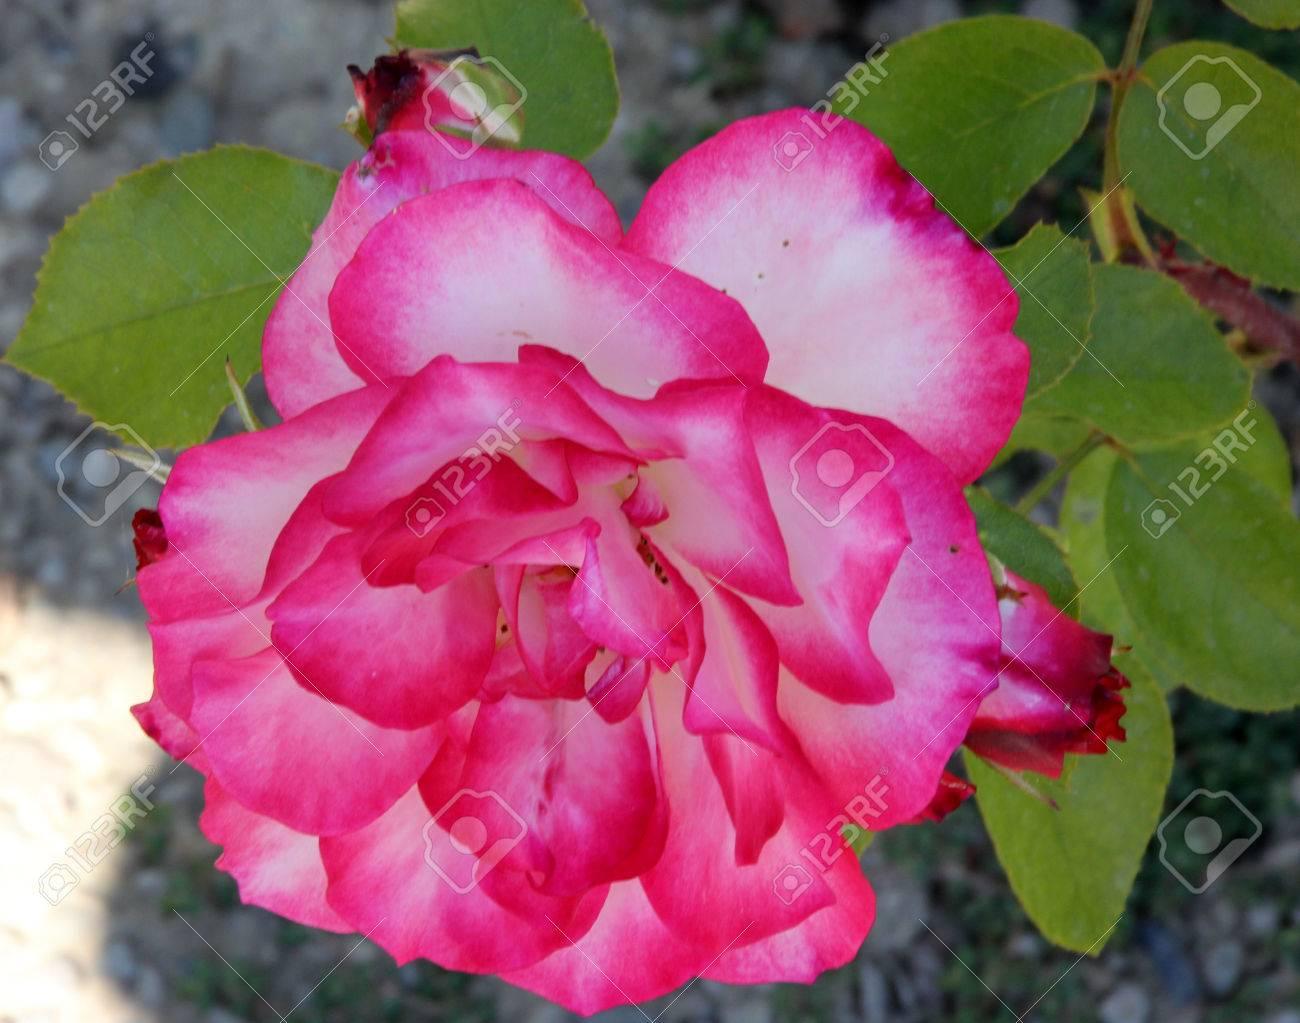 Rosa nicole hybrid floribunda rose cultivar flowers white and rosa nicole hybrid floribunda rose cultivar flowers white and pink blend with pink edges mightylinksfo